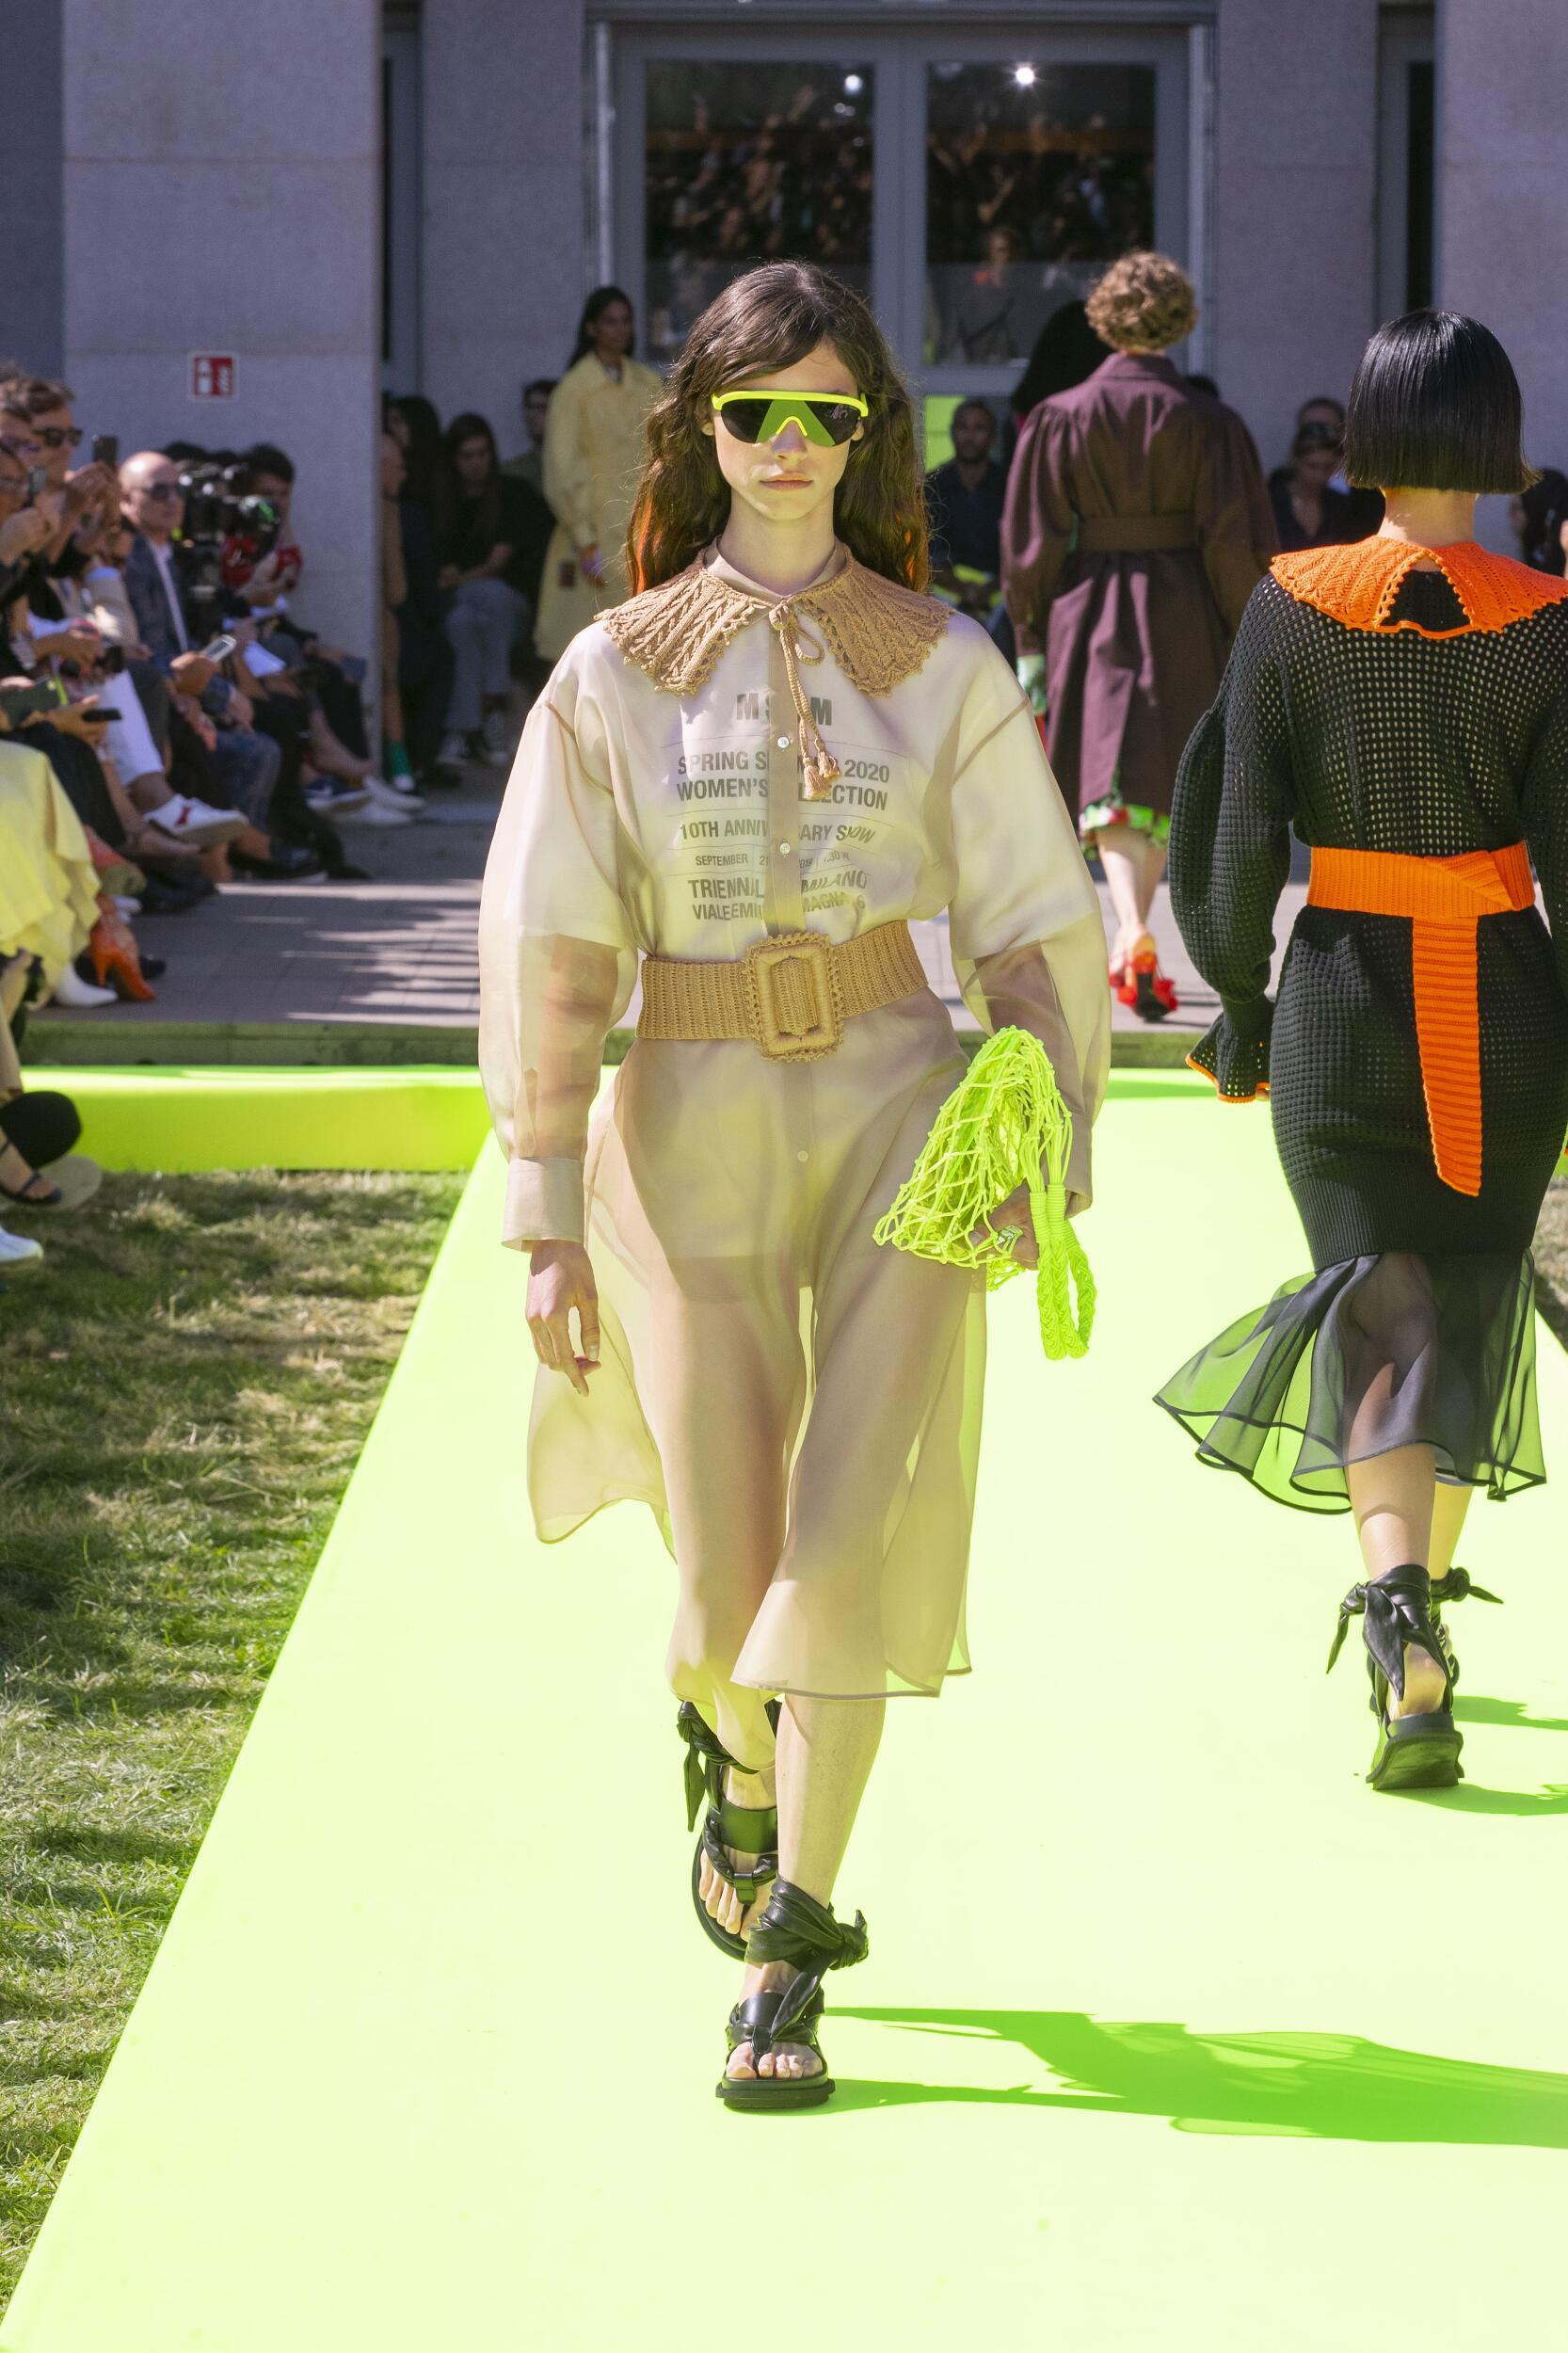 Msgm Spring Summer 2020 Collection Milan Fashion Week